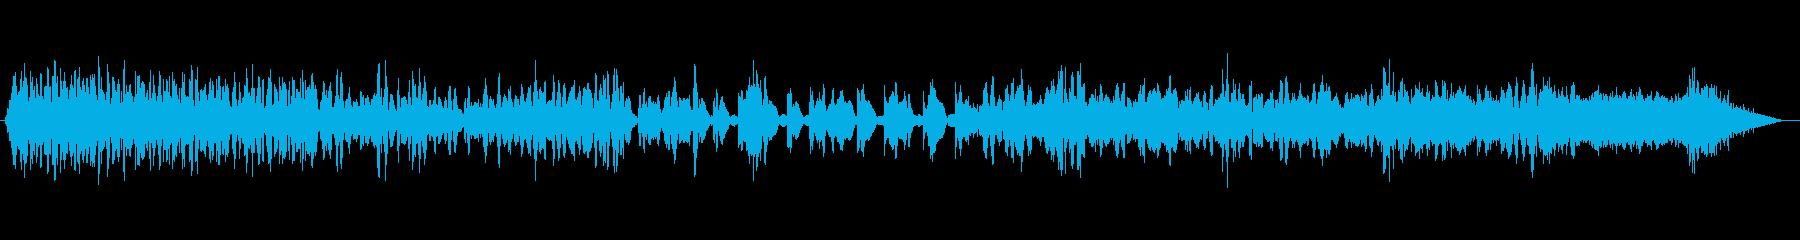 パワーハム損傷伝送の再生済みの波形